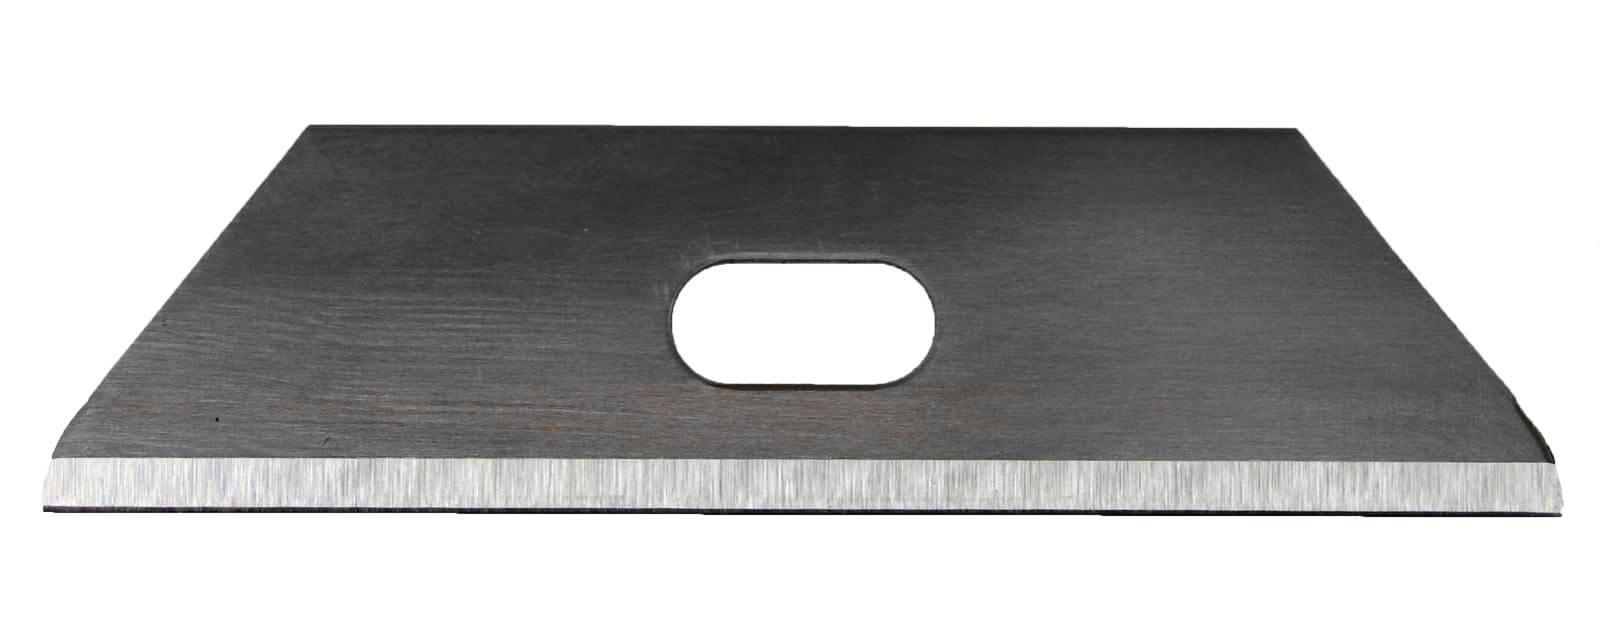 K020-Cuttermesser-Klinge-Trapezklinge-Ersatzklinge-für-Sicherheitsmesser-UAS100-CURT-tools